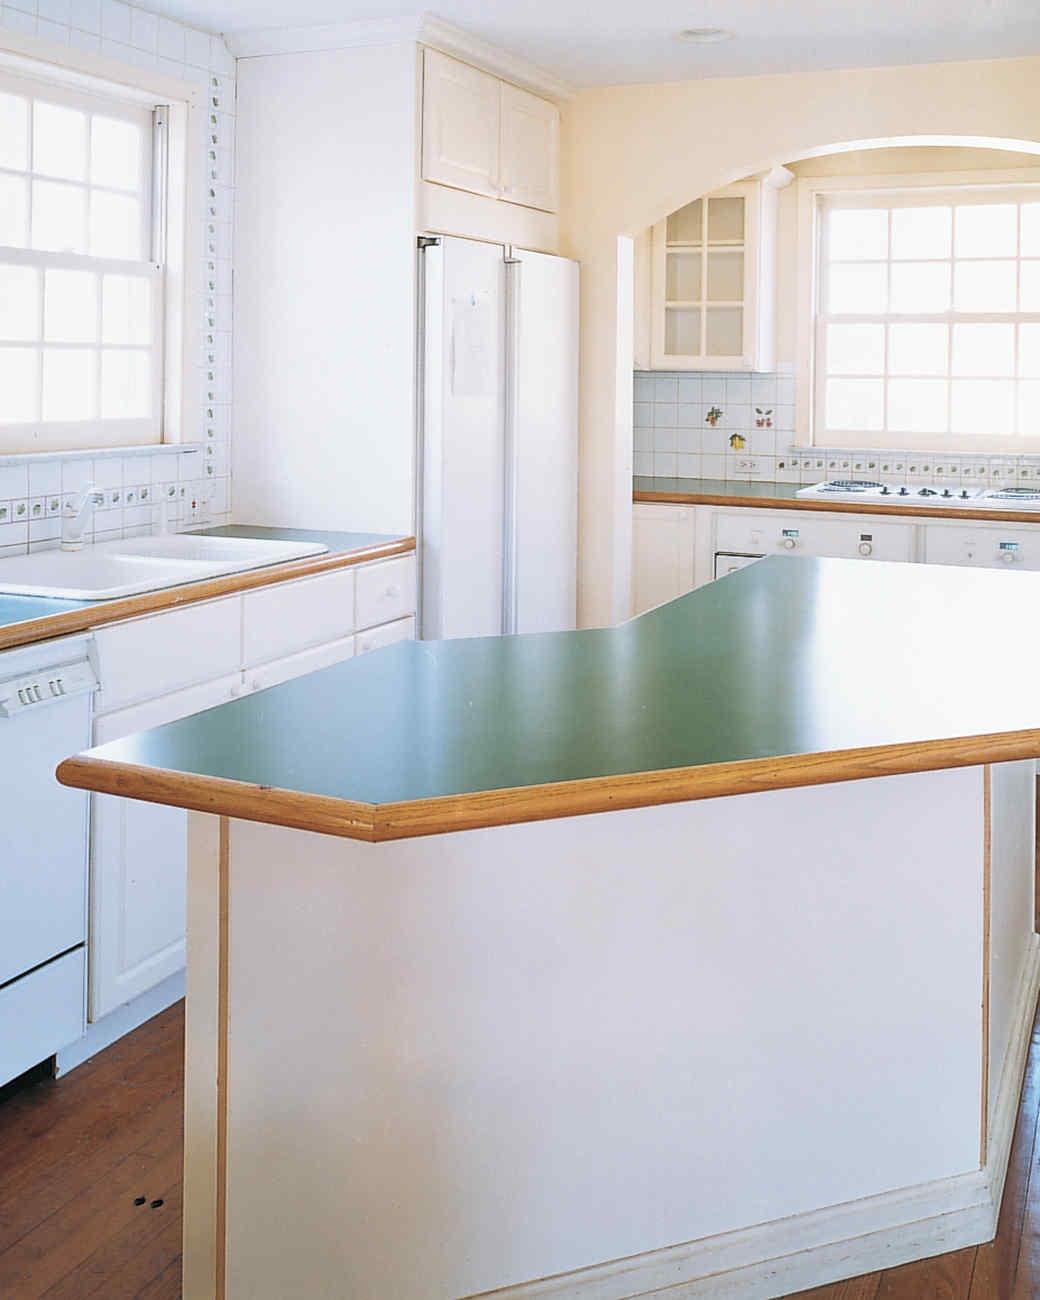 kitchen-redefined-04-d99349-0915.jpg